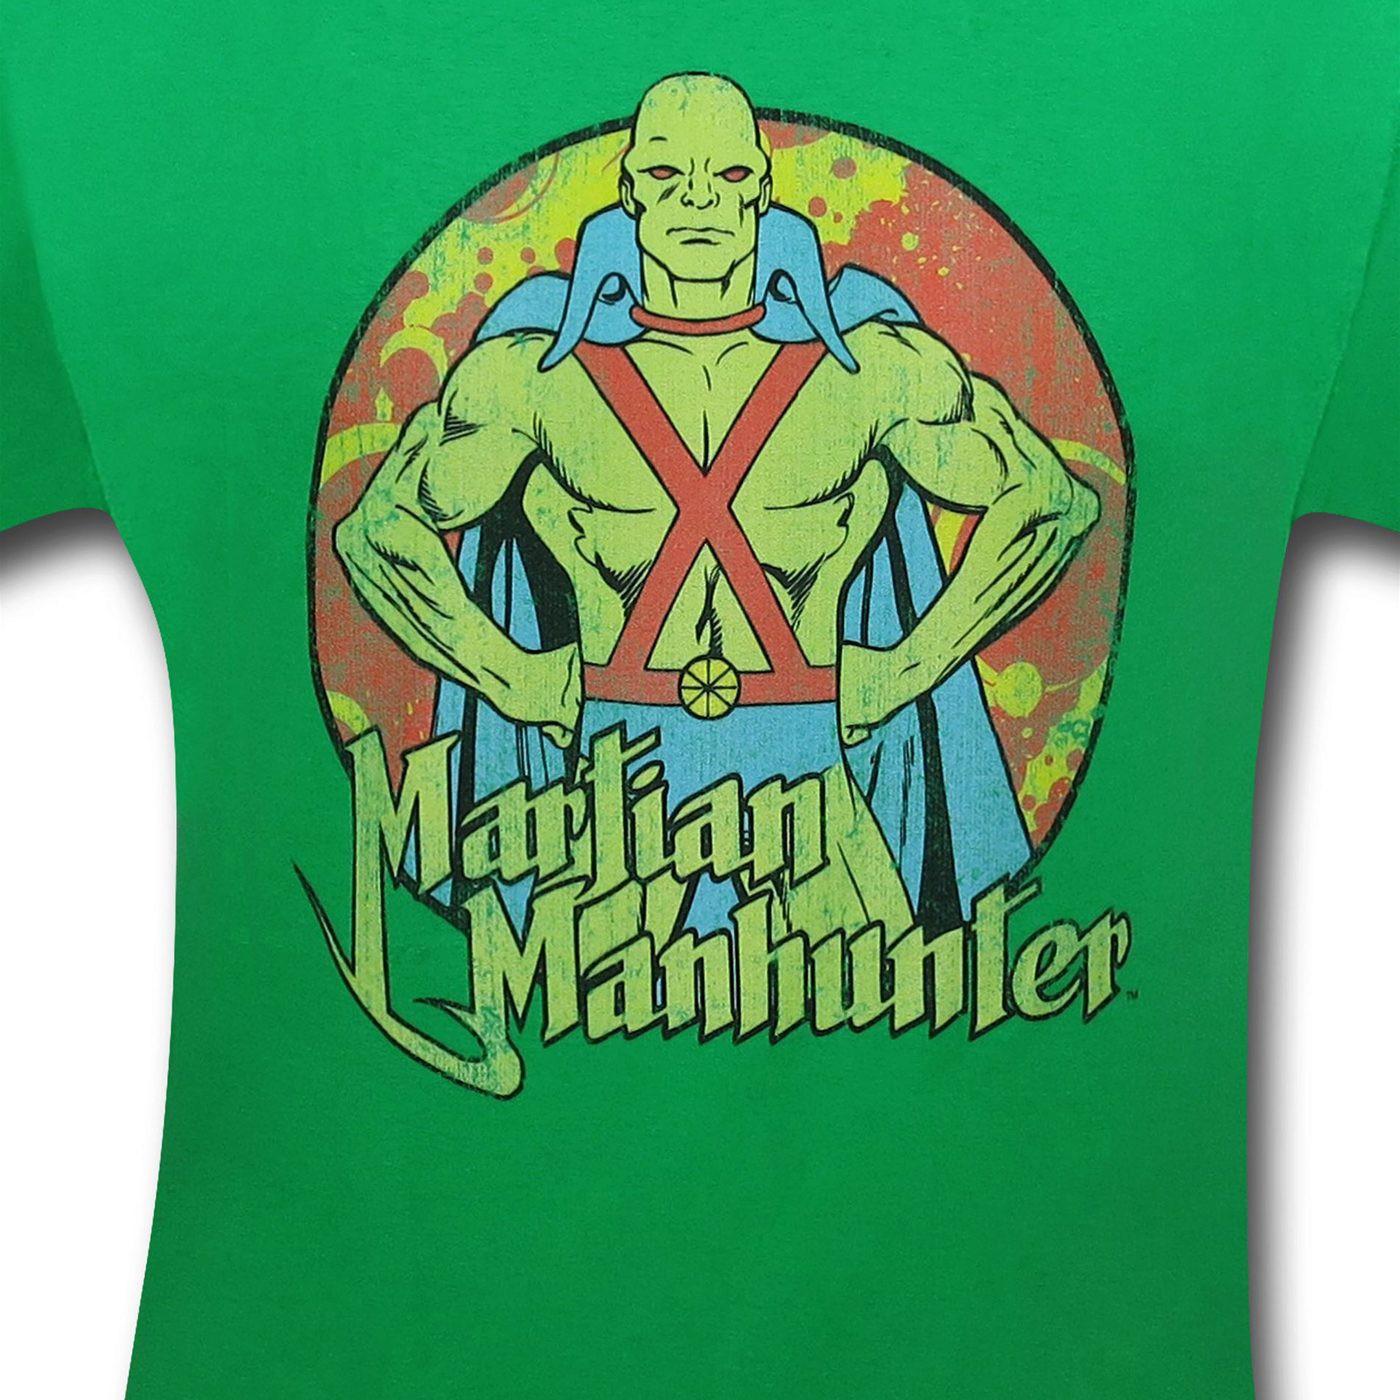 Martian Manhunter Circle Image T-Shirt